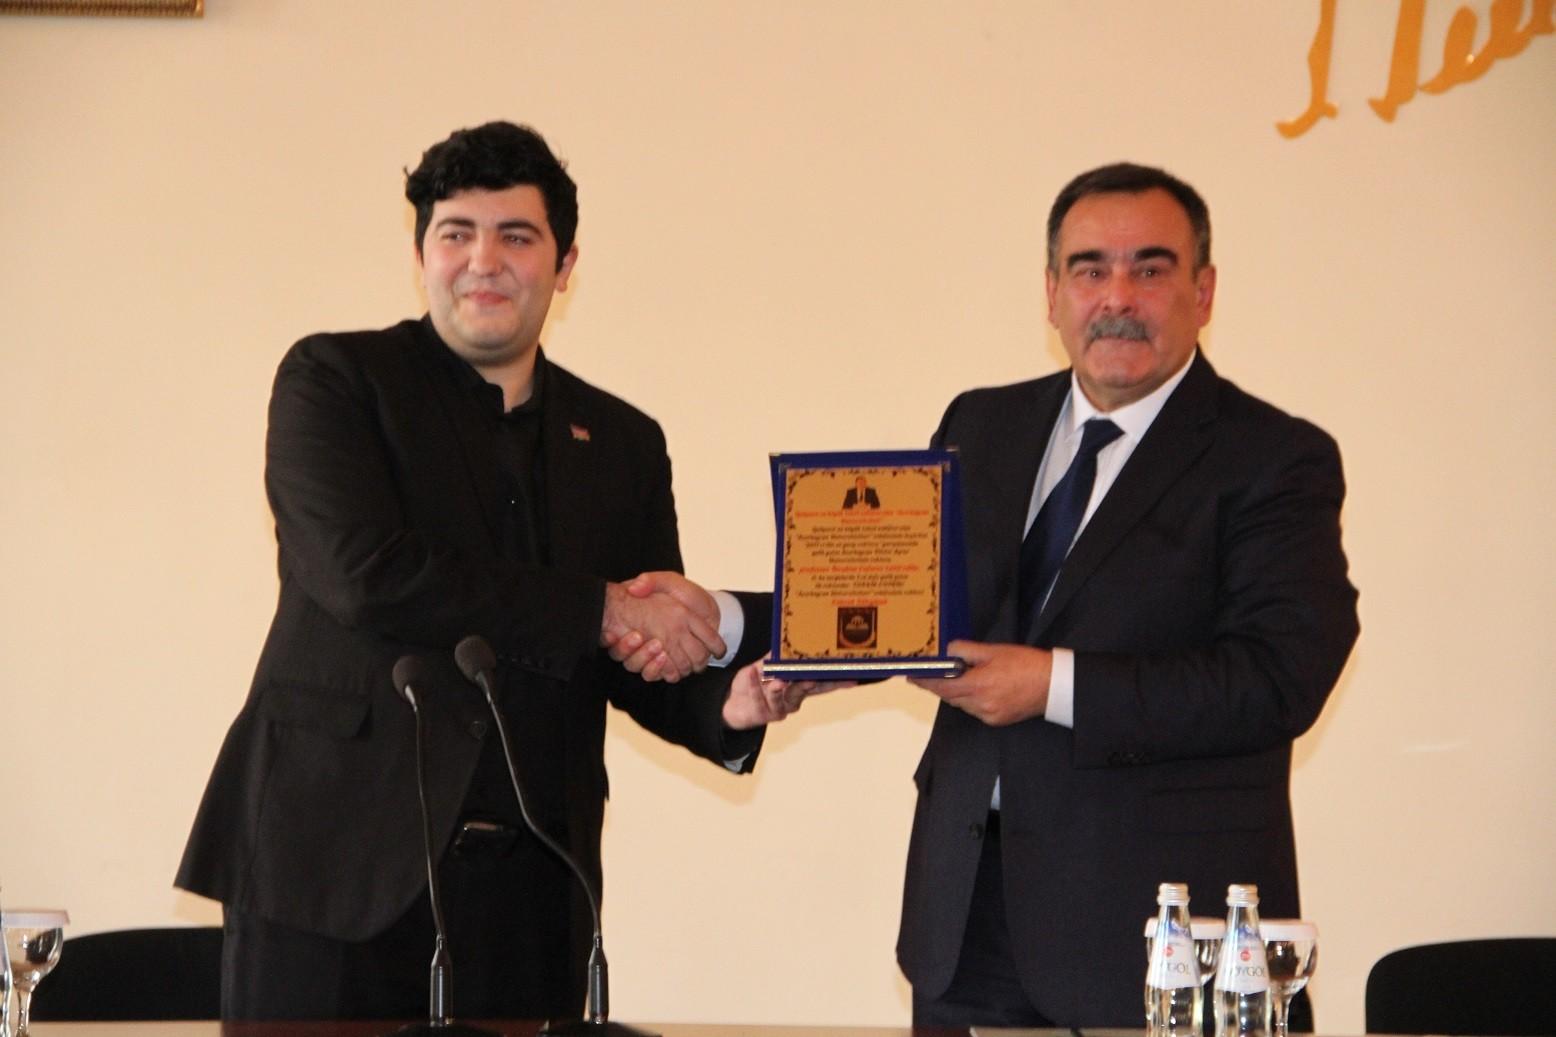 İbrahim Cəfərova 2017-ci ilin diplomu təqdim edildi